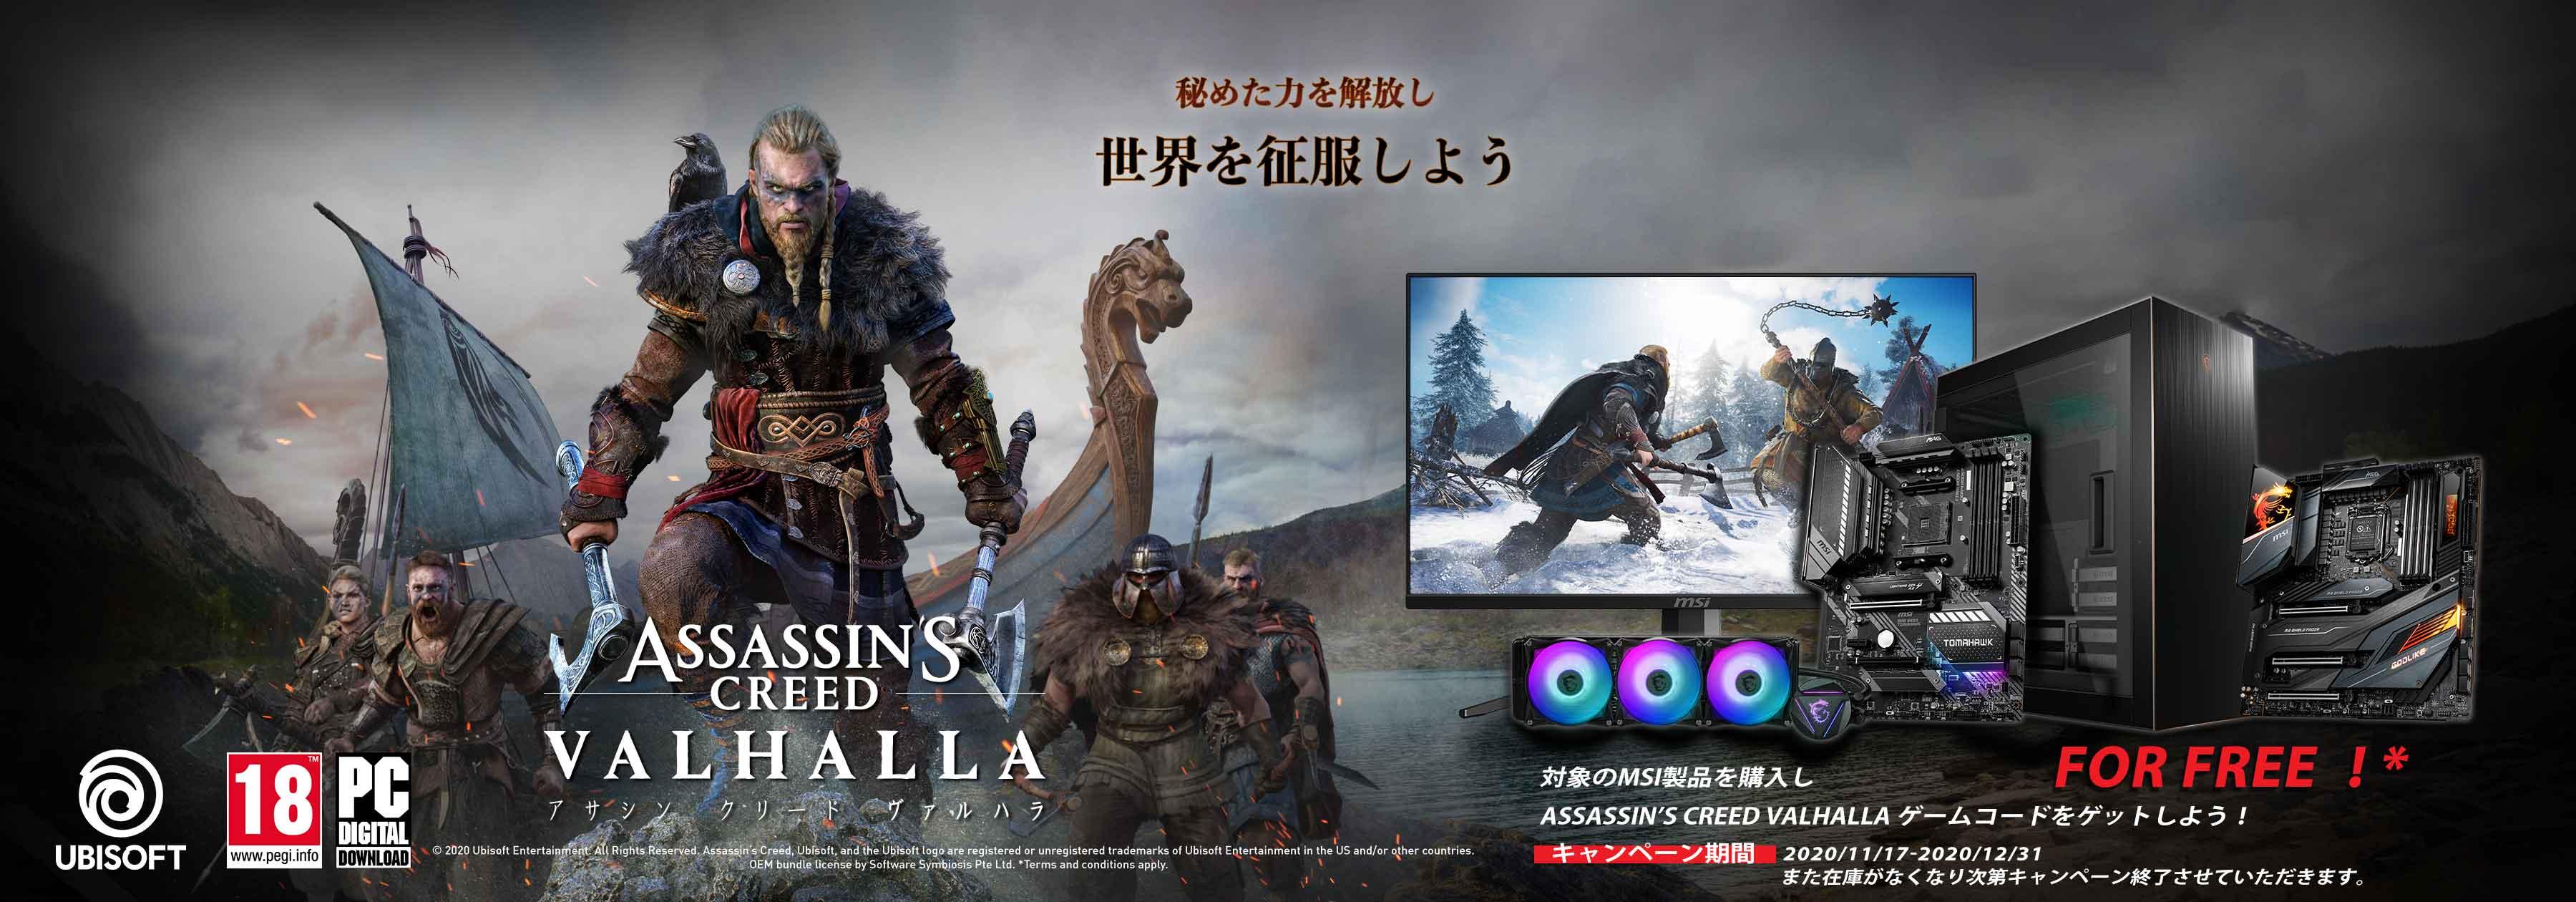 11月17日より、対象のMSI製品購入で人気ゲーム最新作を無料でゲット!  MSI、「『アサシン クリード ヴァルハラ』ゲームコードプレゼントキャンペーン」